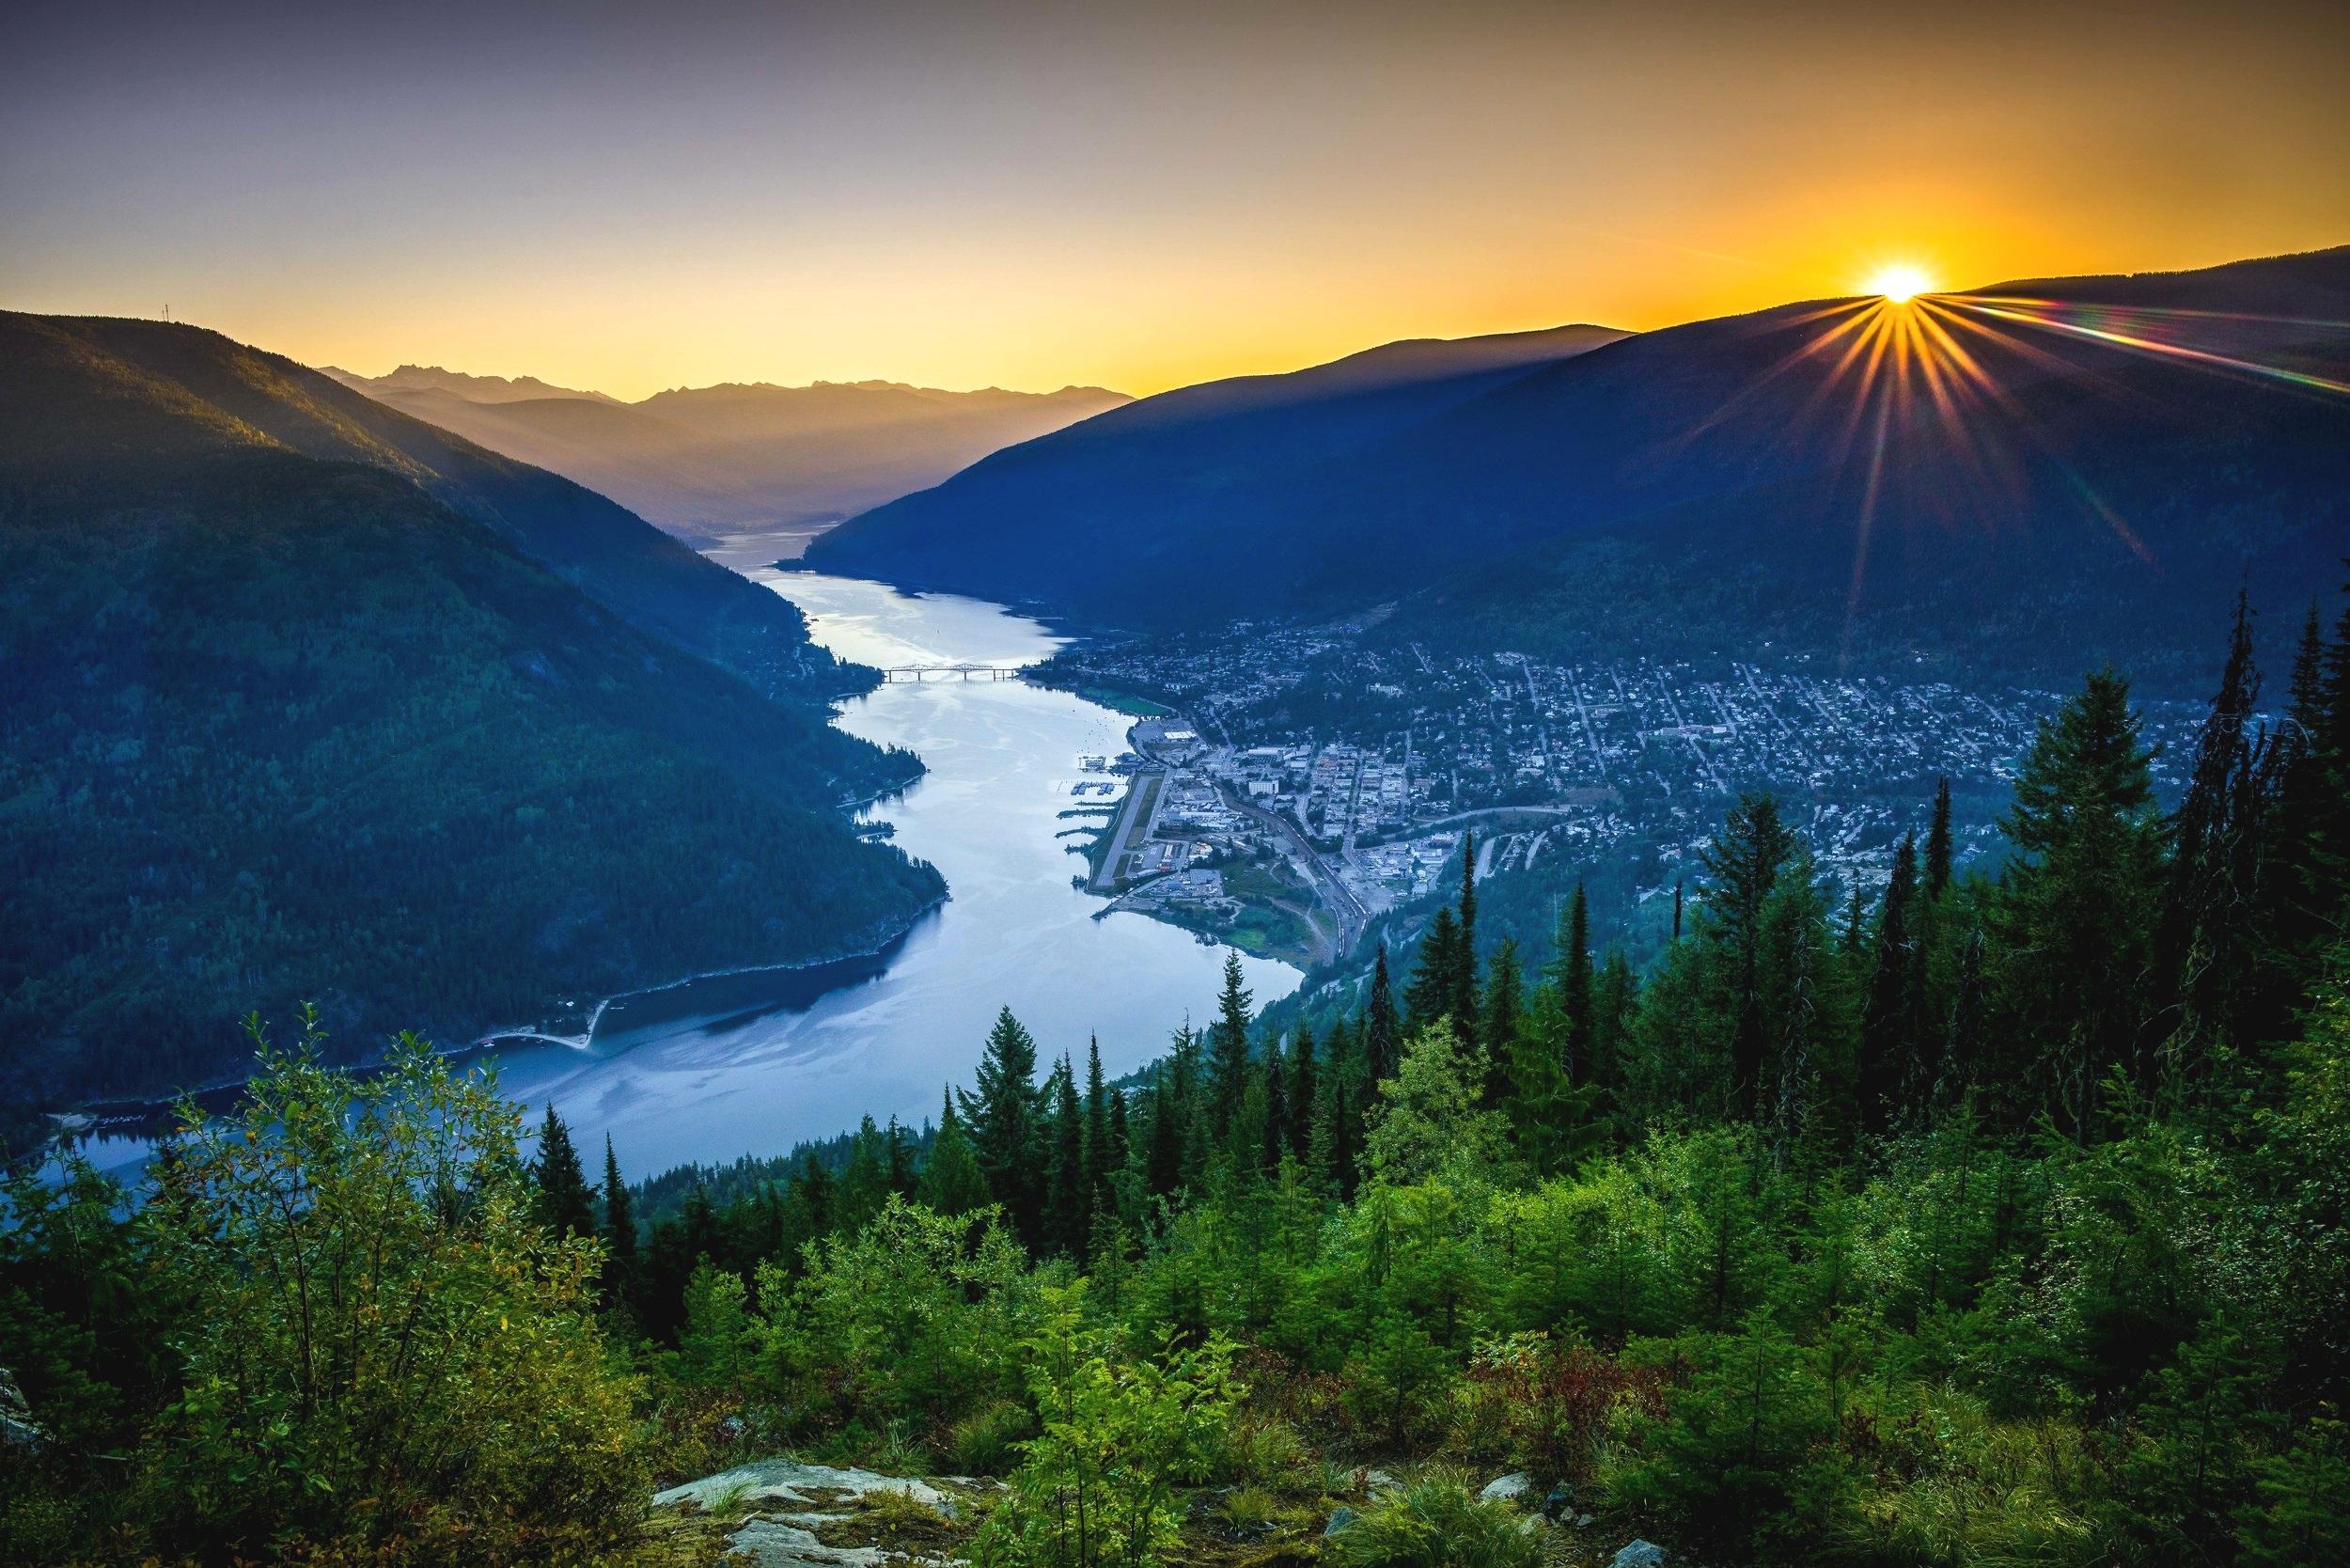 Nelson, BC // Photo by Robert Neufeld